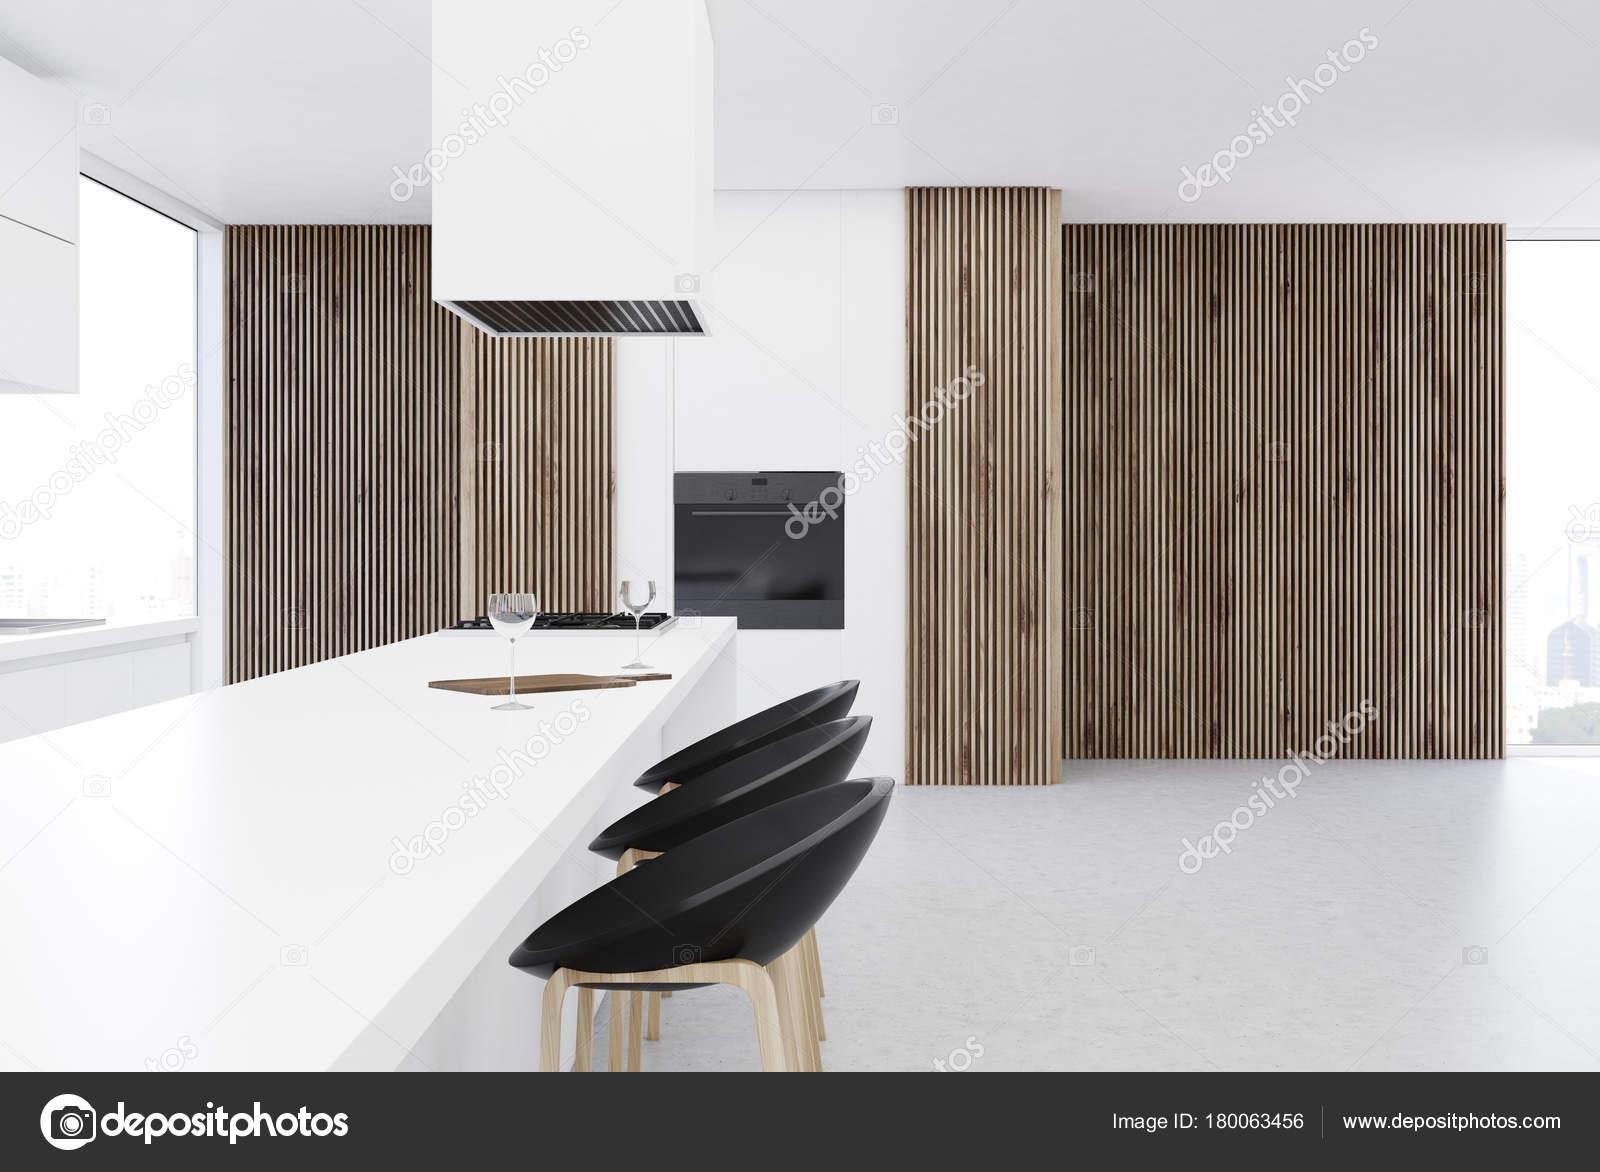 Mesa de la cocina, blanco de piso de concreto — Fotos de Stock ...